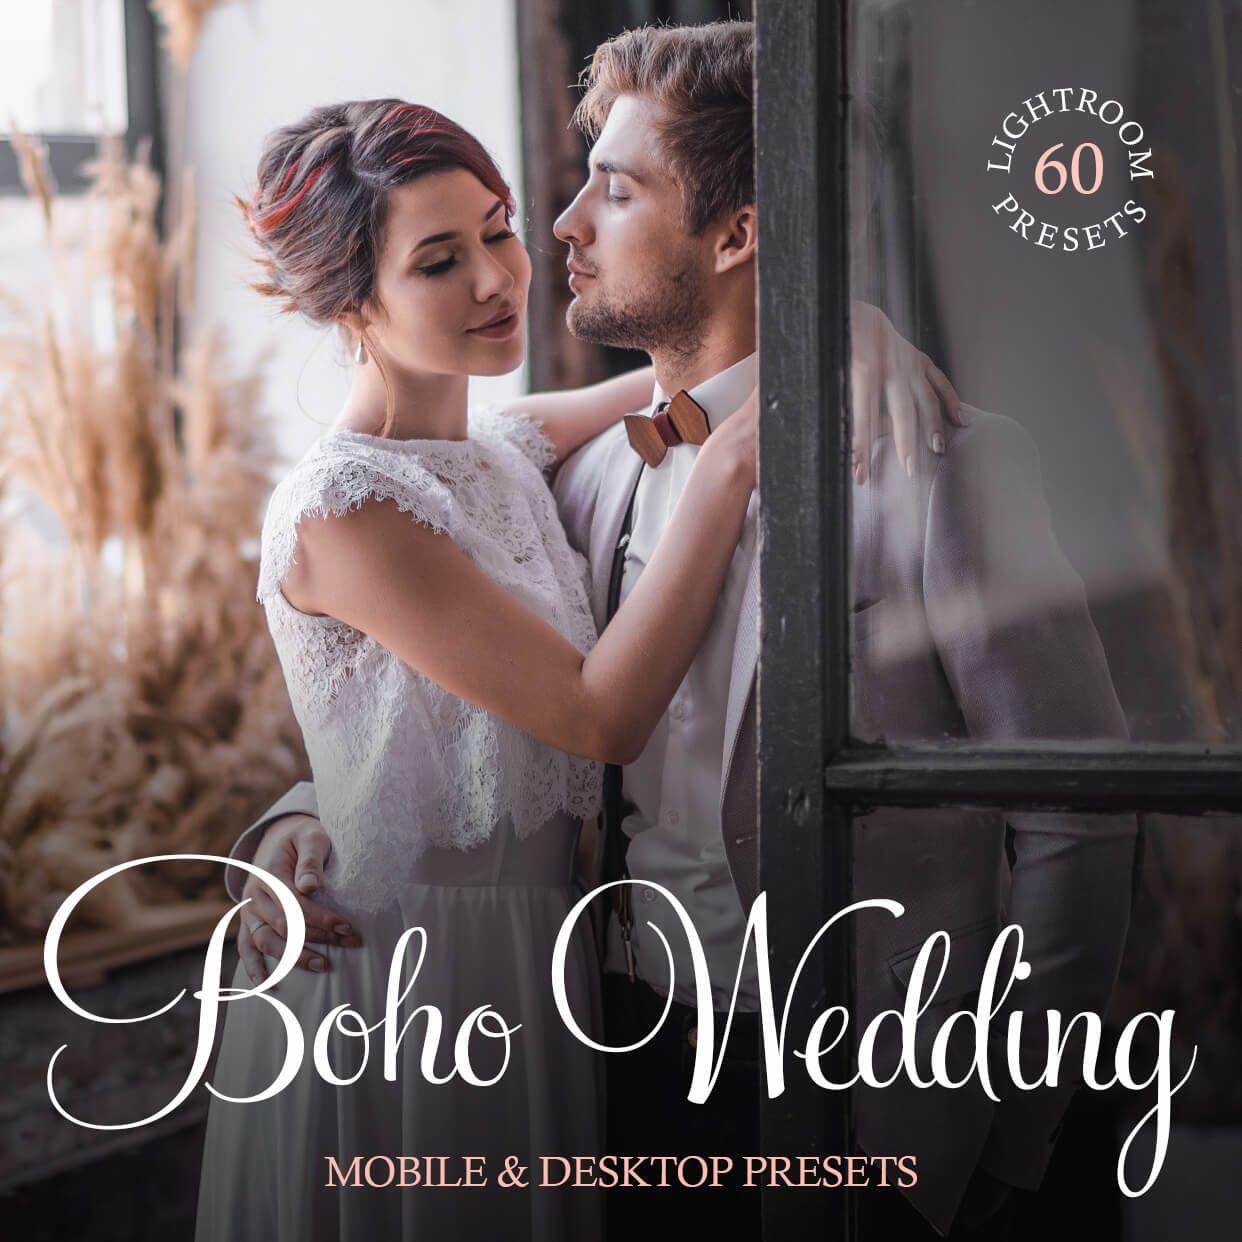 Lightroom Presets Free Download Zip Luxe Wedding Collection In 2020 Lightroom Presets Wedding Luxe Wedding Lightroom Presets